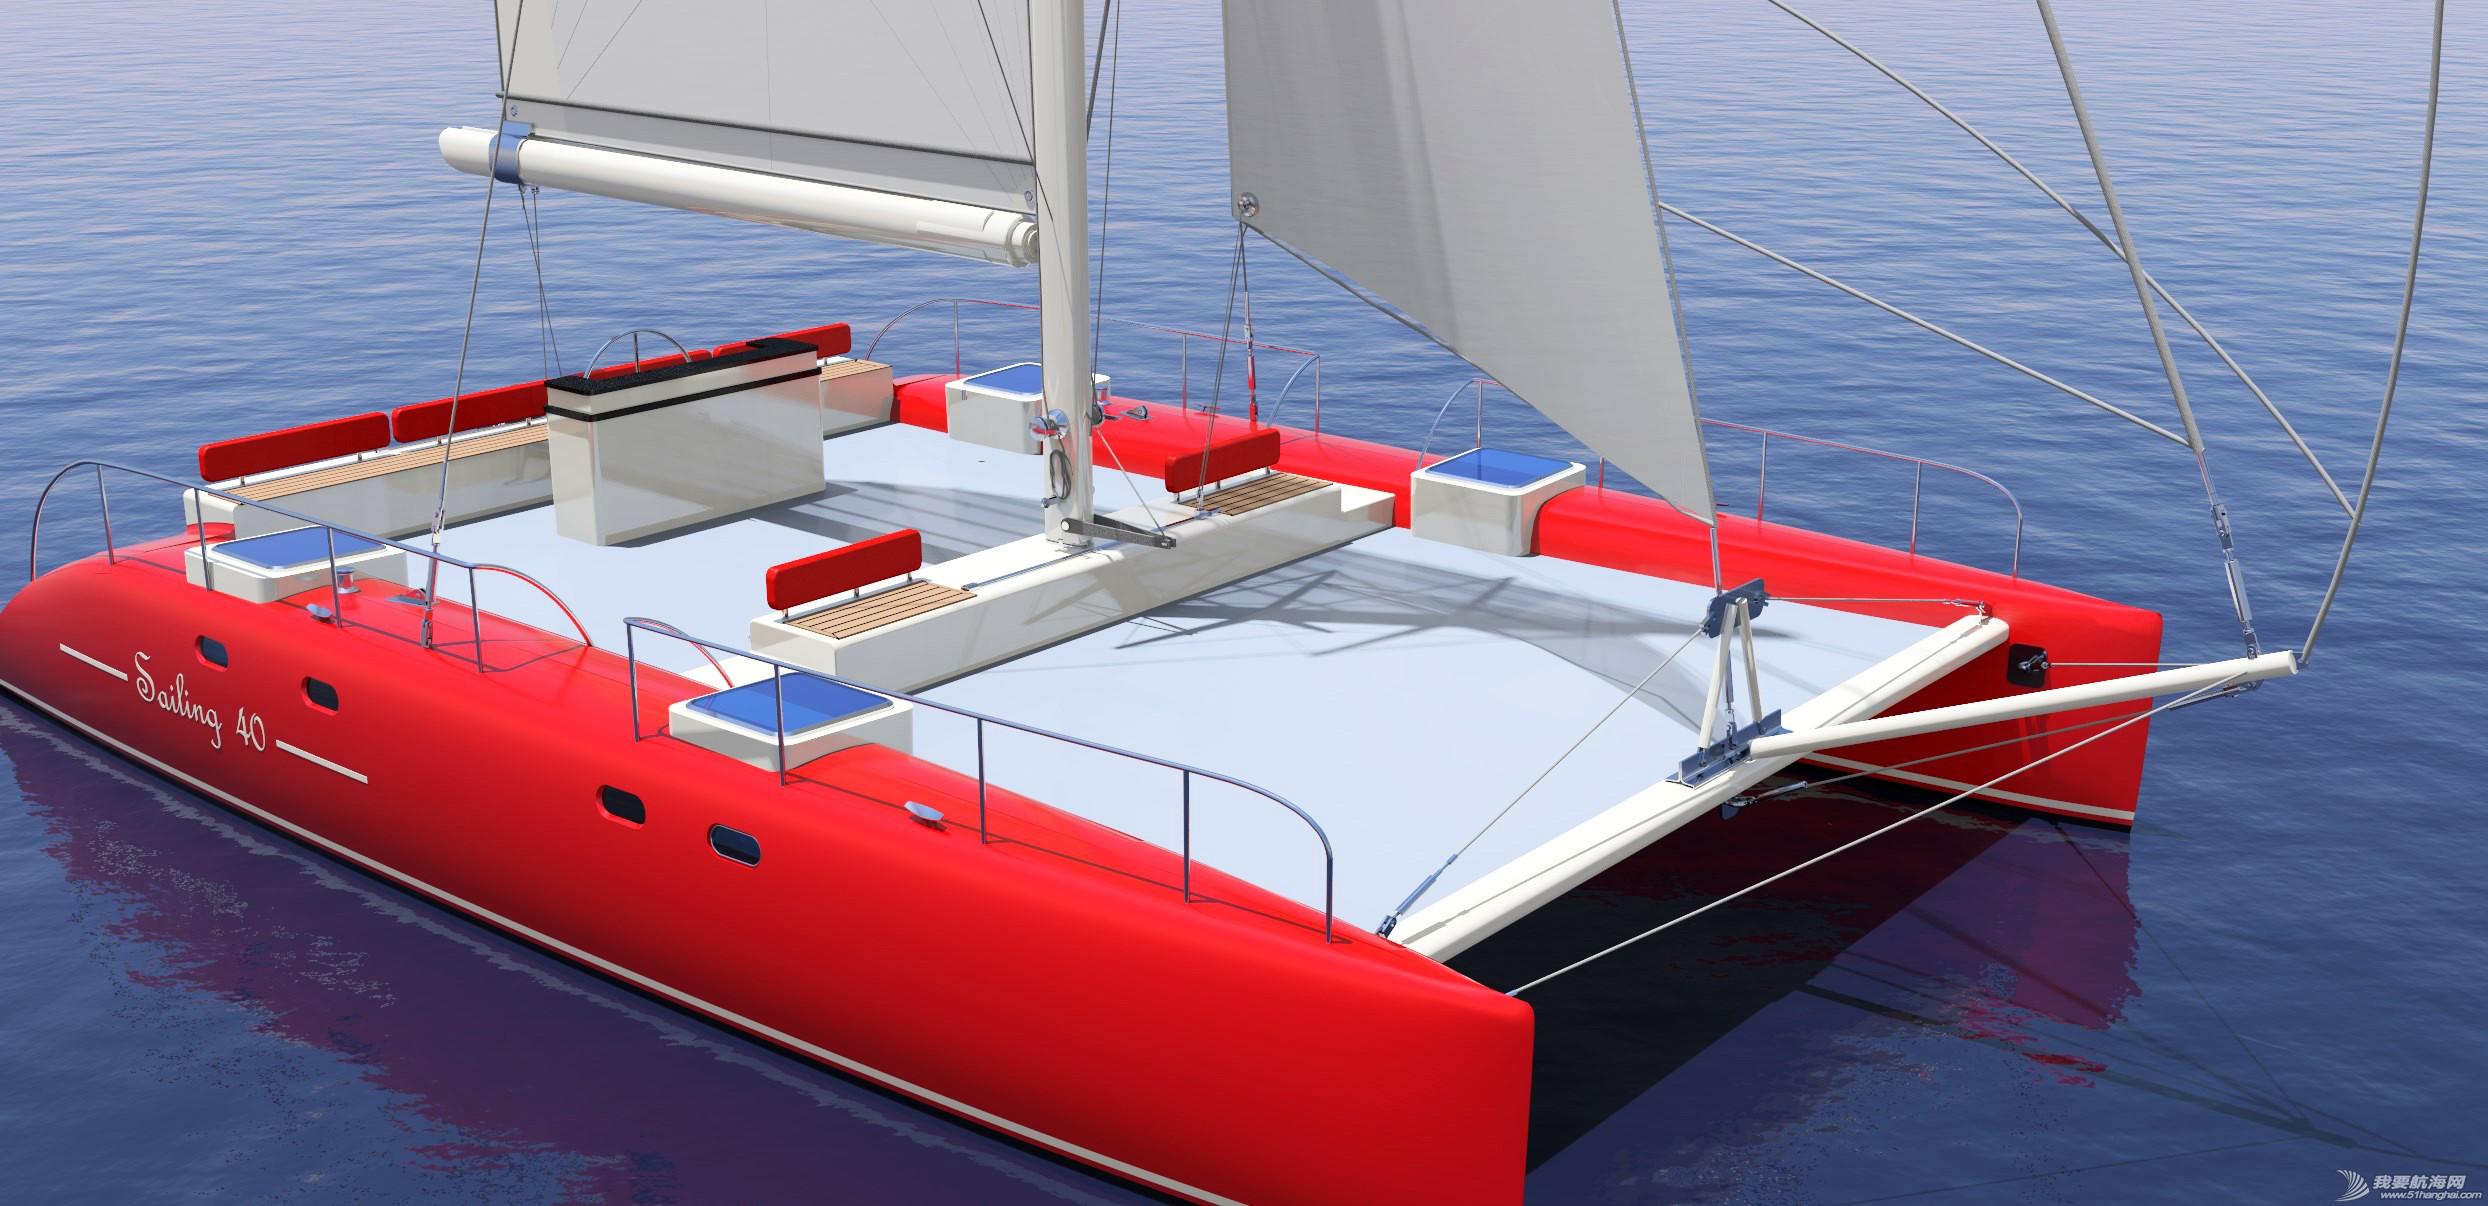 帆船,证书,休闲,英尺,比赛 40英尺双体帆船,比赛休闲两用,法定船检证书和试航证书 上部根据用户需要再设计 113426fopmsnvl91bnzo22